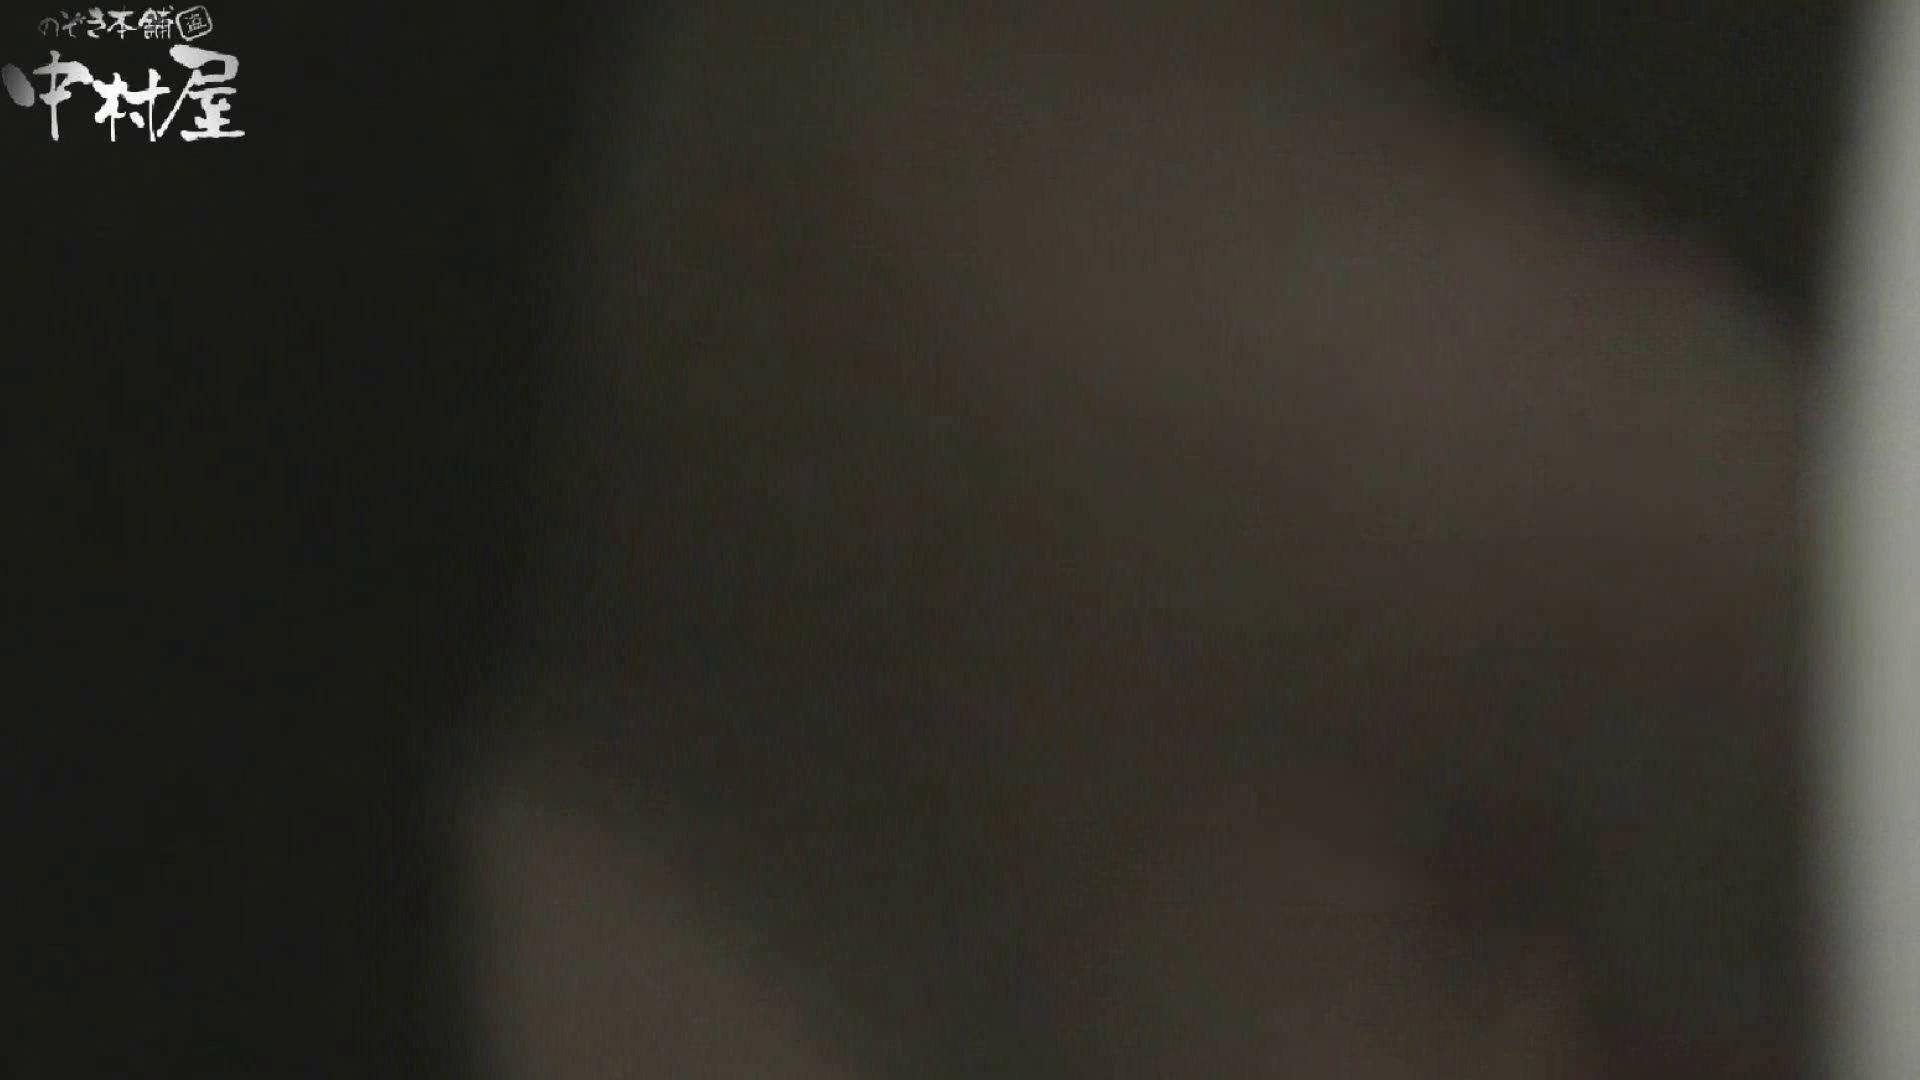 解禁!海の家4カメ洗面所vol.19 ギャルのエロ動画  91PIX 84